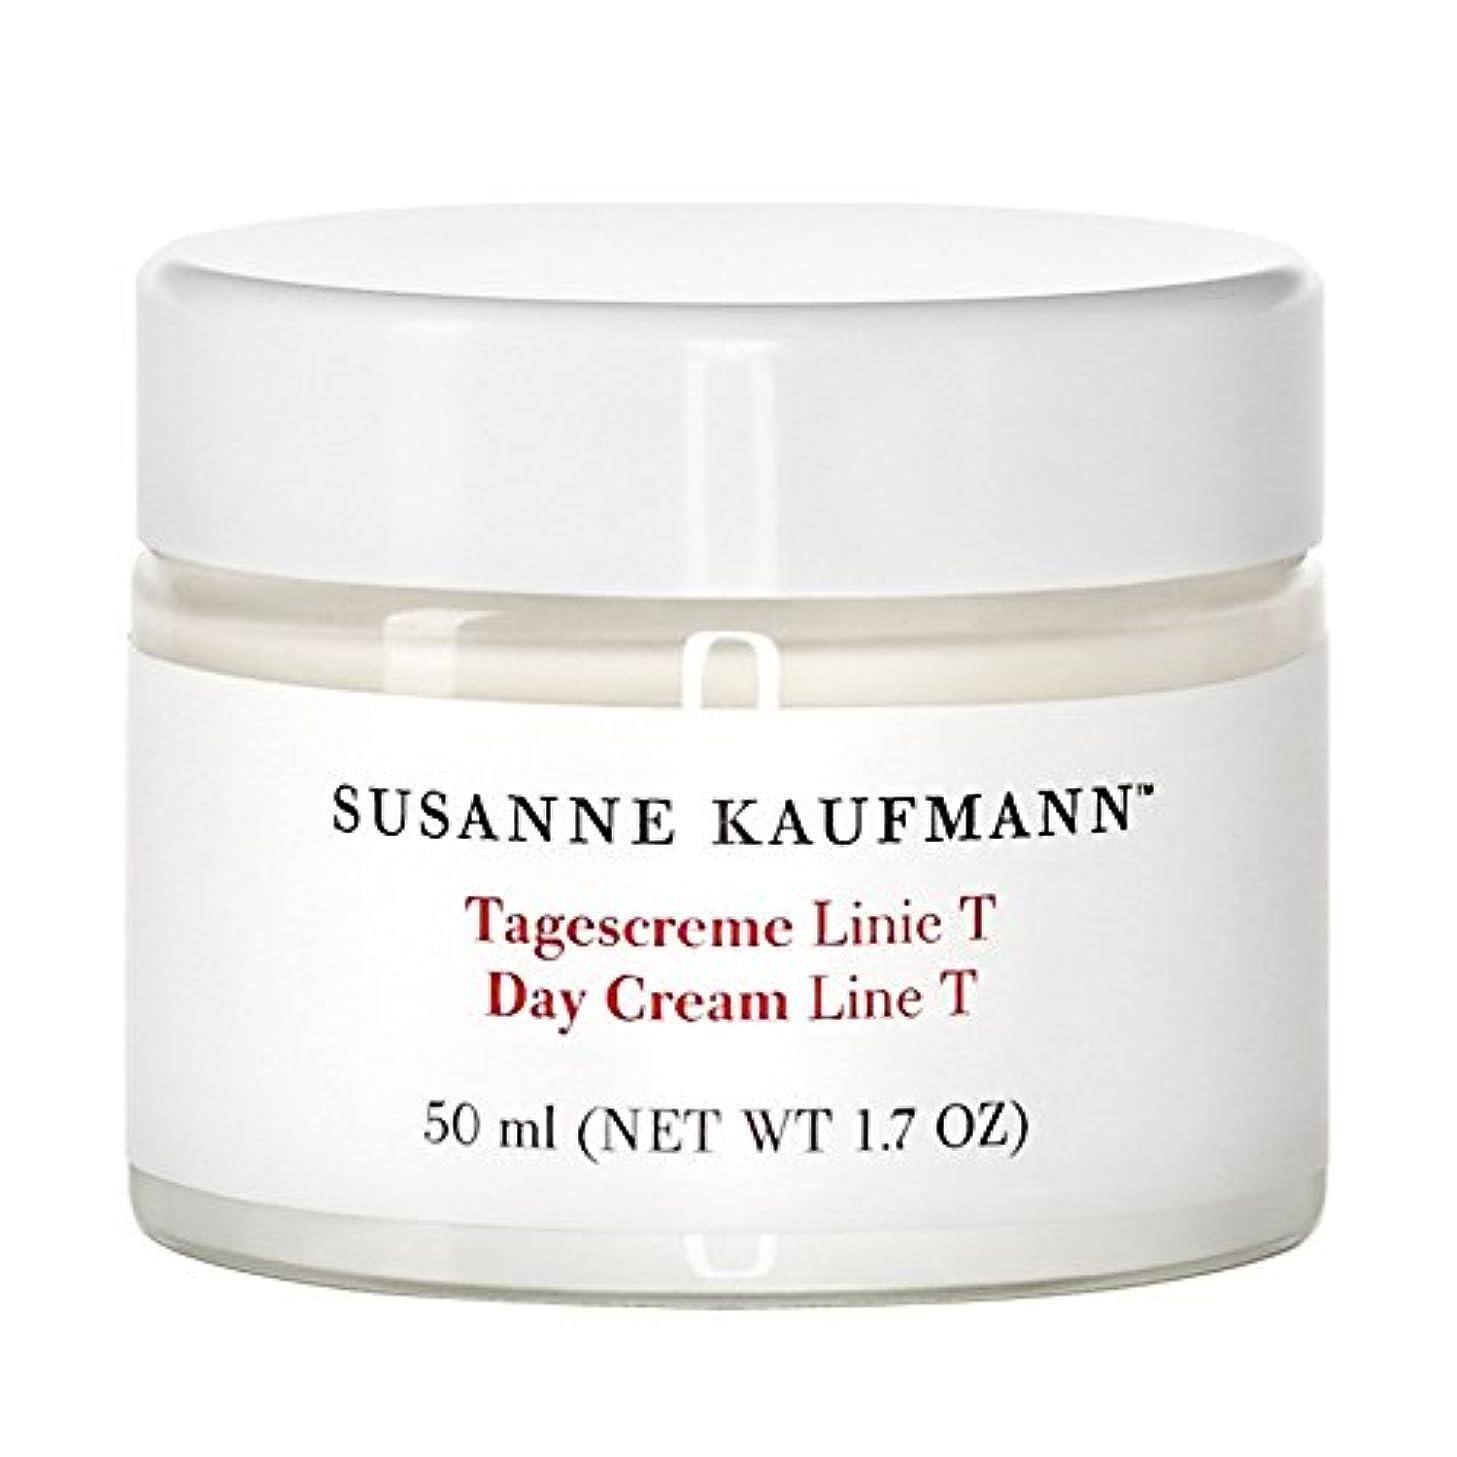 バンク回転審判スザンヌカウフマン日クリームライントンの50ミリリットル x2 - Susanne Kaufmann Day Cream Line T 50ml (Pack of 2) [並行輸入品]